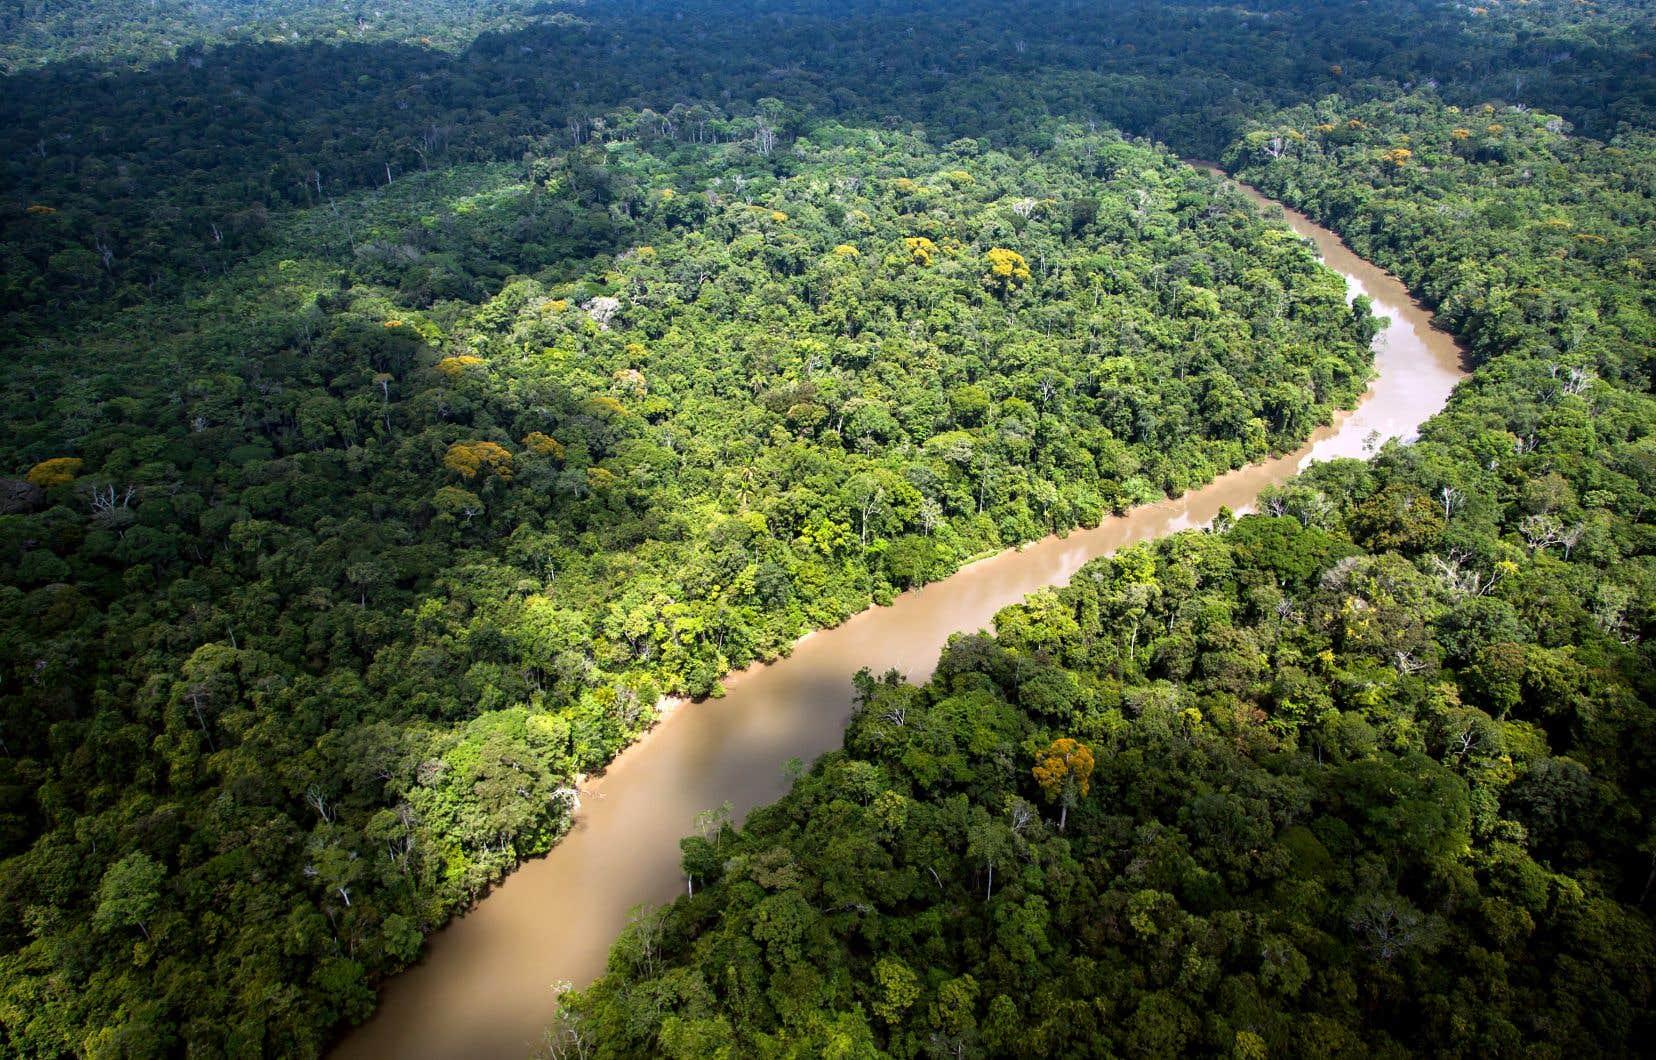 En 2018, il existait plus de 100 peuples non contactés, répartis principalement en Amazonie (photo), en Indonésie et en Papouasie–Nouvelle-Guinée.